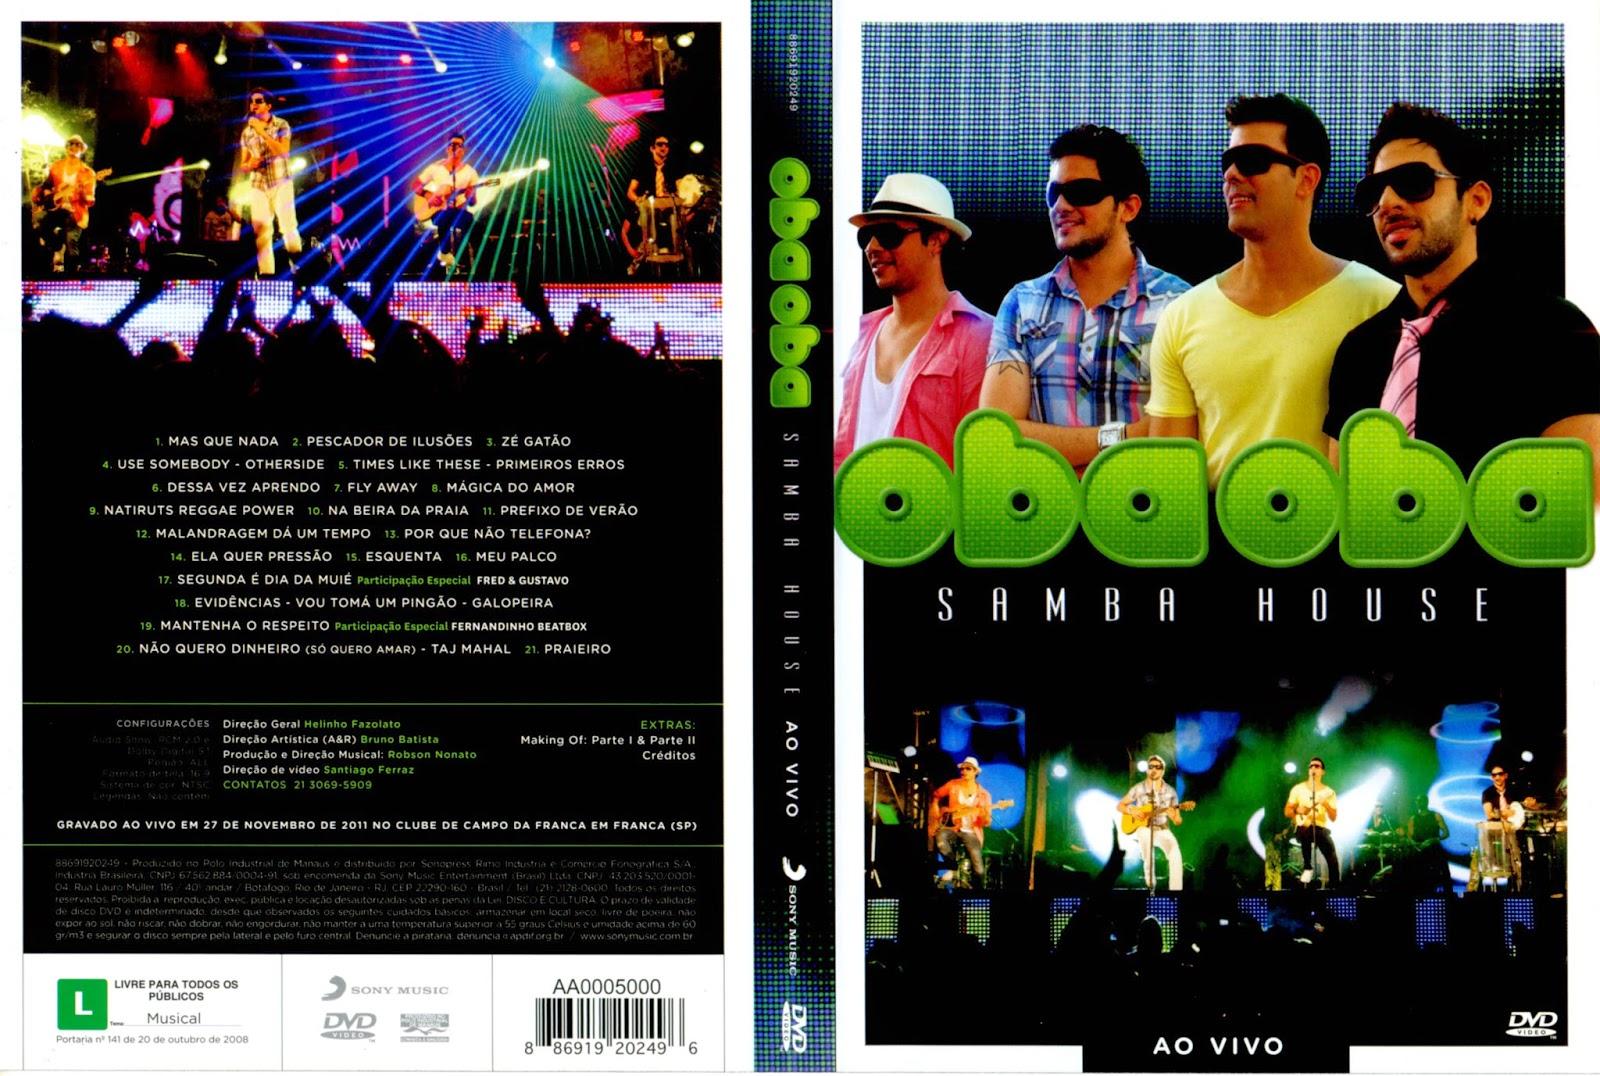 Oba Oba Samba House Ao Vivo No Rio DVD-R gallery212493565440